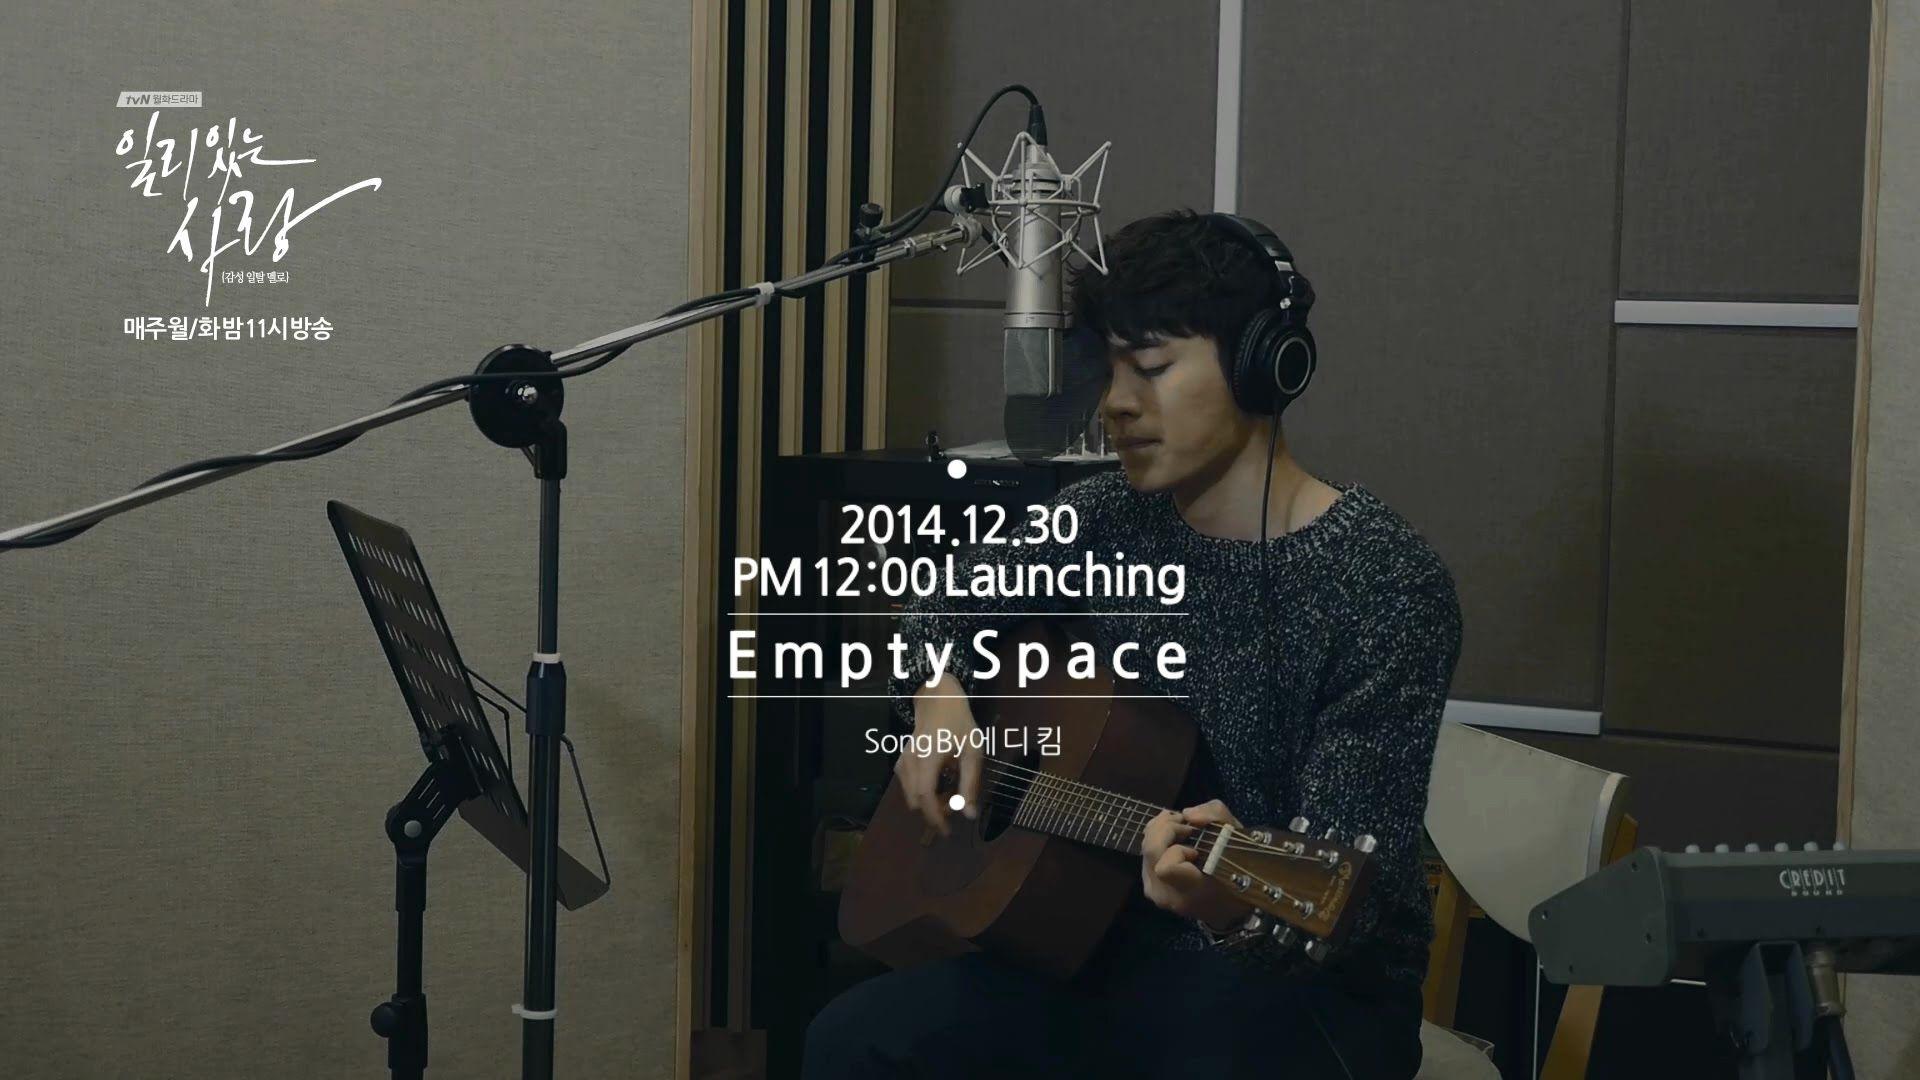 [일리 있는 사랑 (Reasonble Love) OST Part 2] 에디킴 (Eddy Kim) - Empty Space 라이브 영상